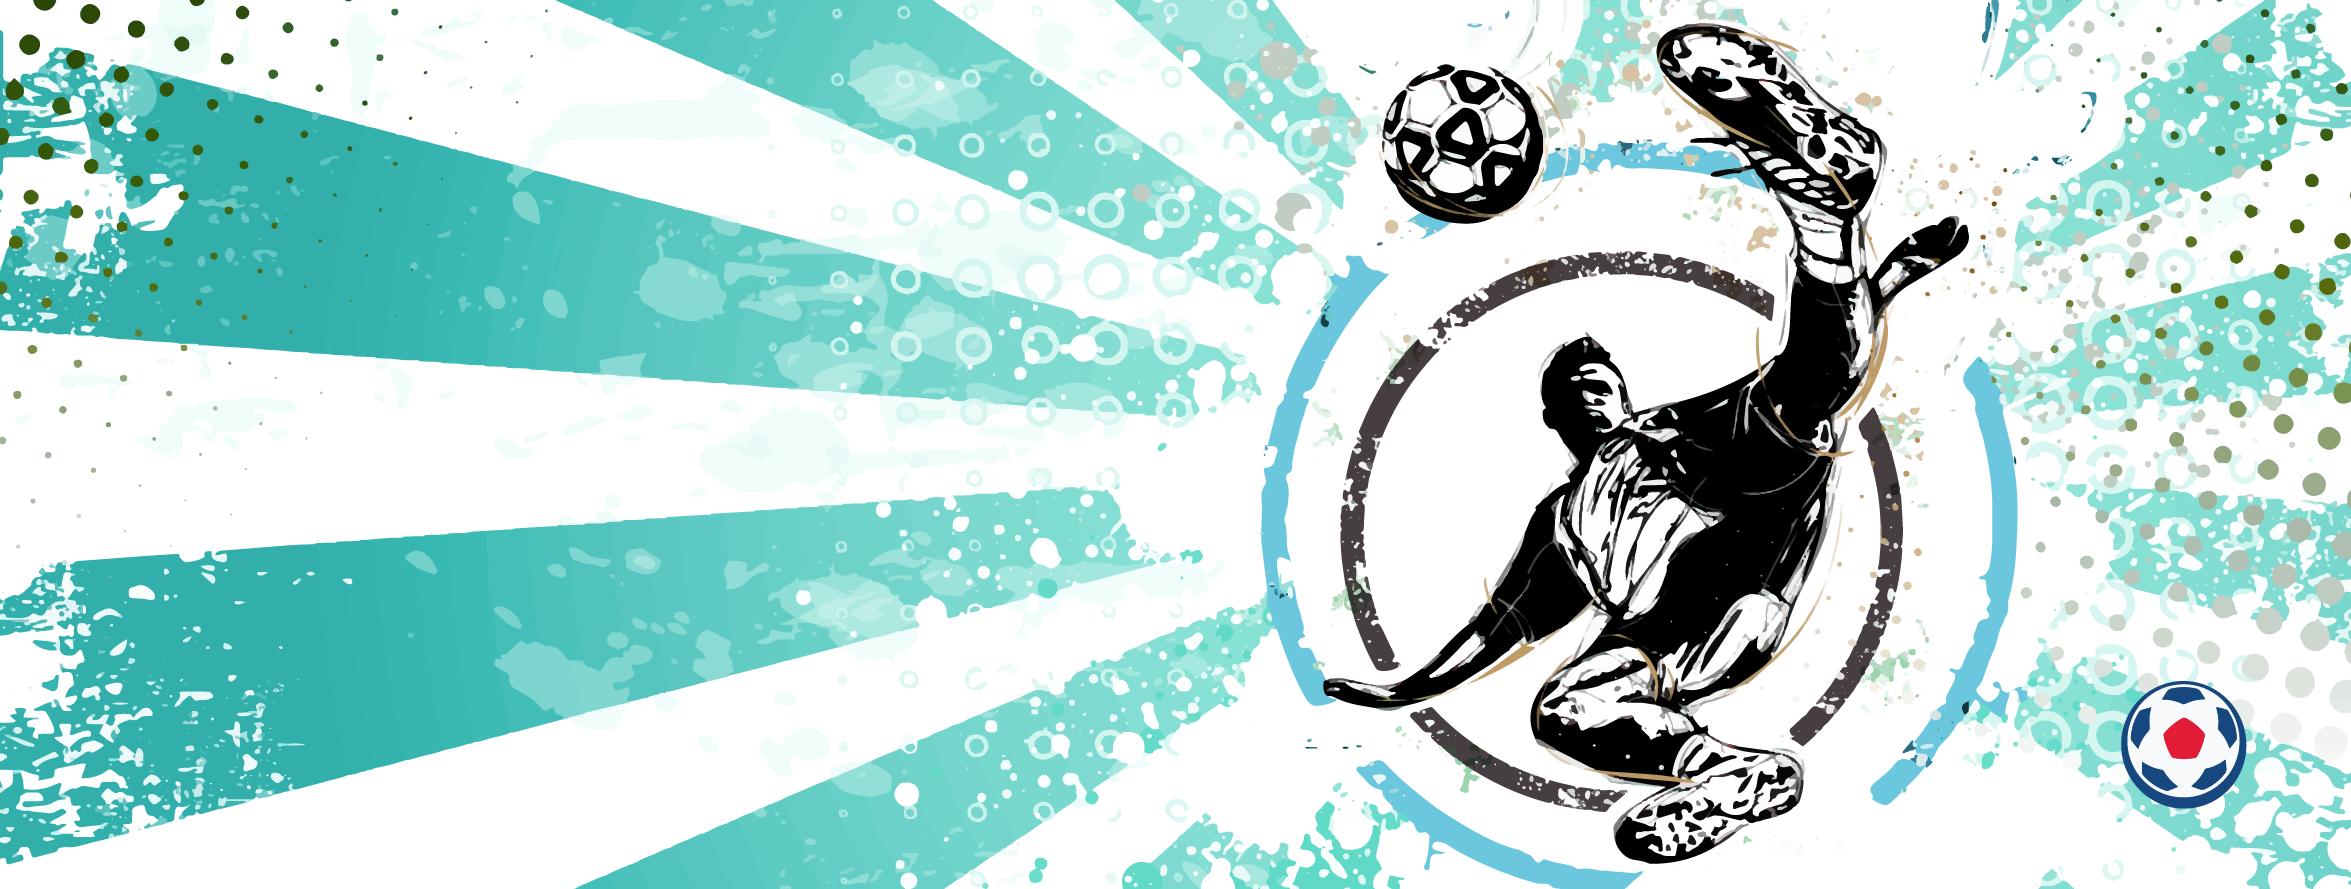 02-header-soccer.png